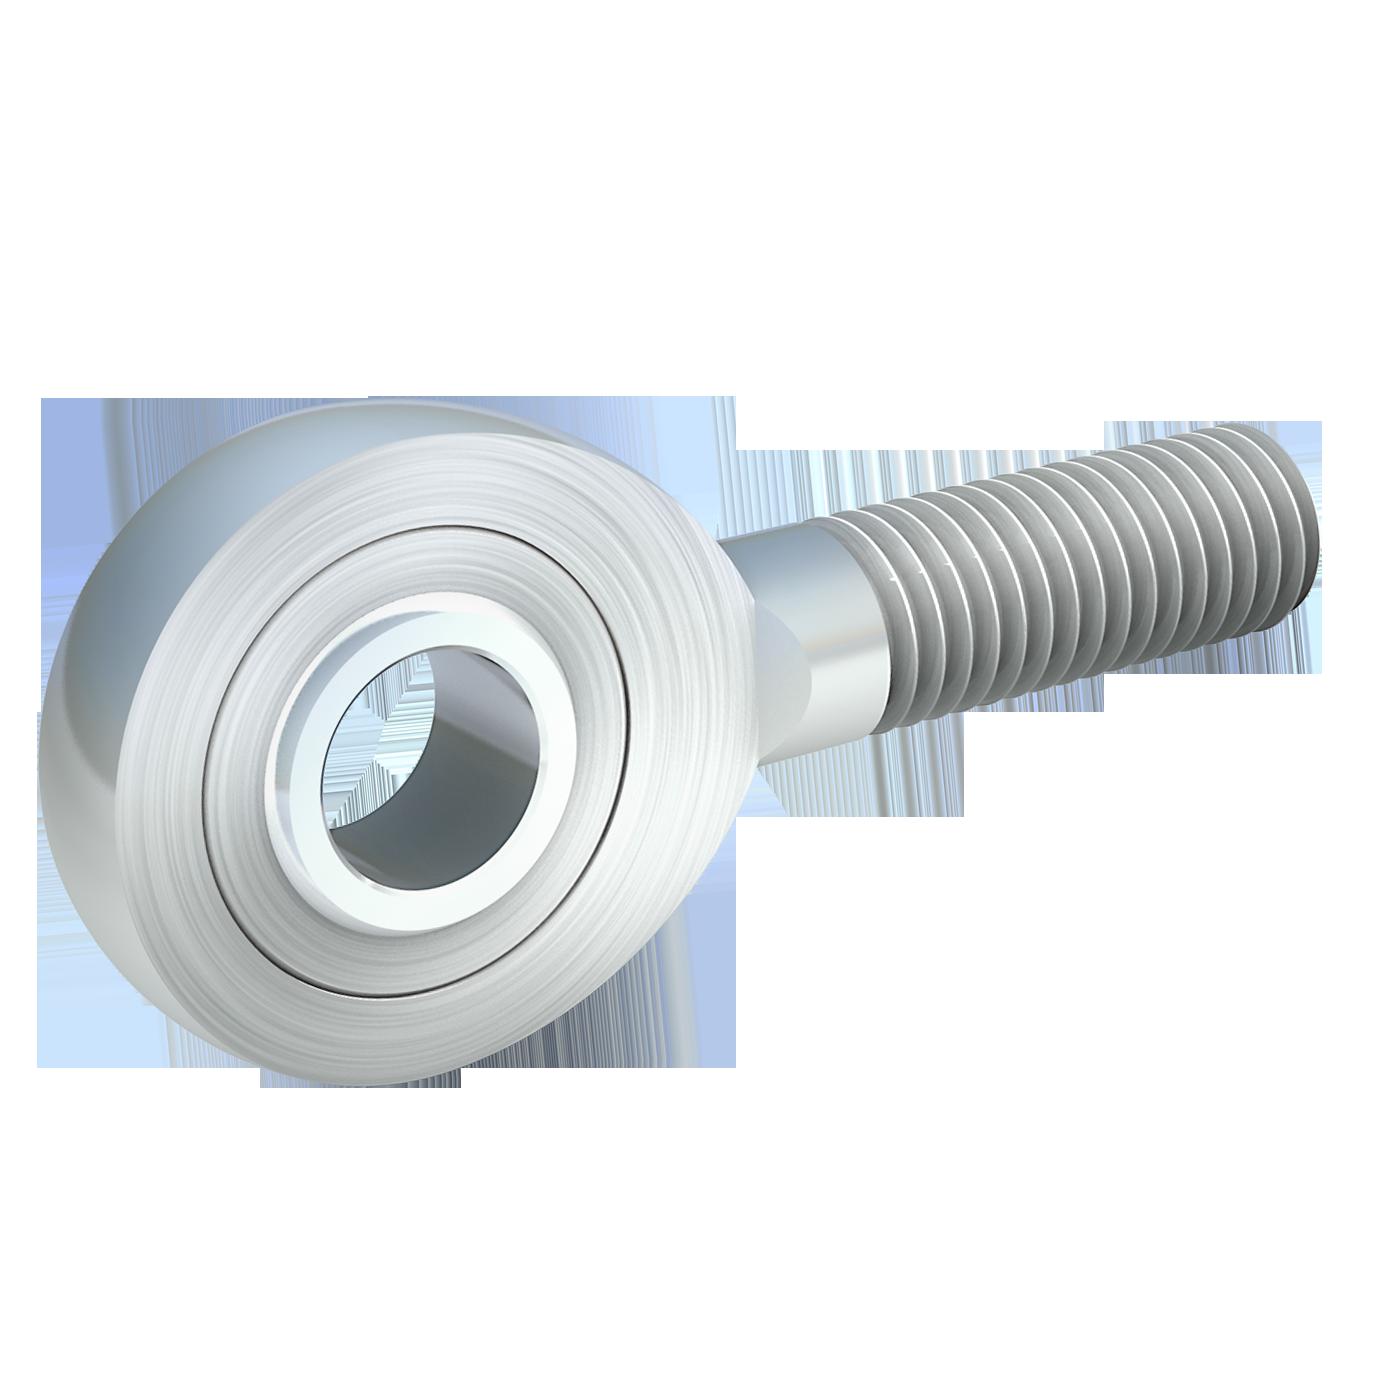 Gelenkköpfe der schmalen Maßreihe E, sind nach DIN ISO 12240-4 (DIN 648). Dieser Gelenkkopf mit Außengewinde von mbo Oßwald ist wartungsfrei und aus Stahl verzinkt.